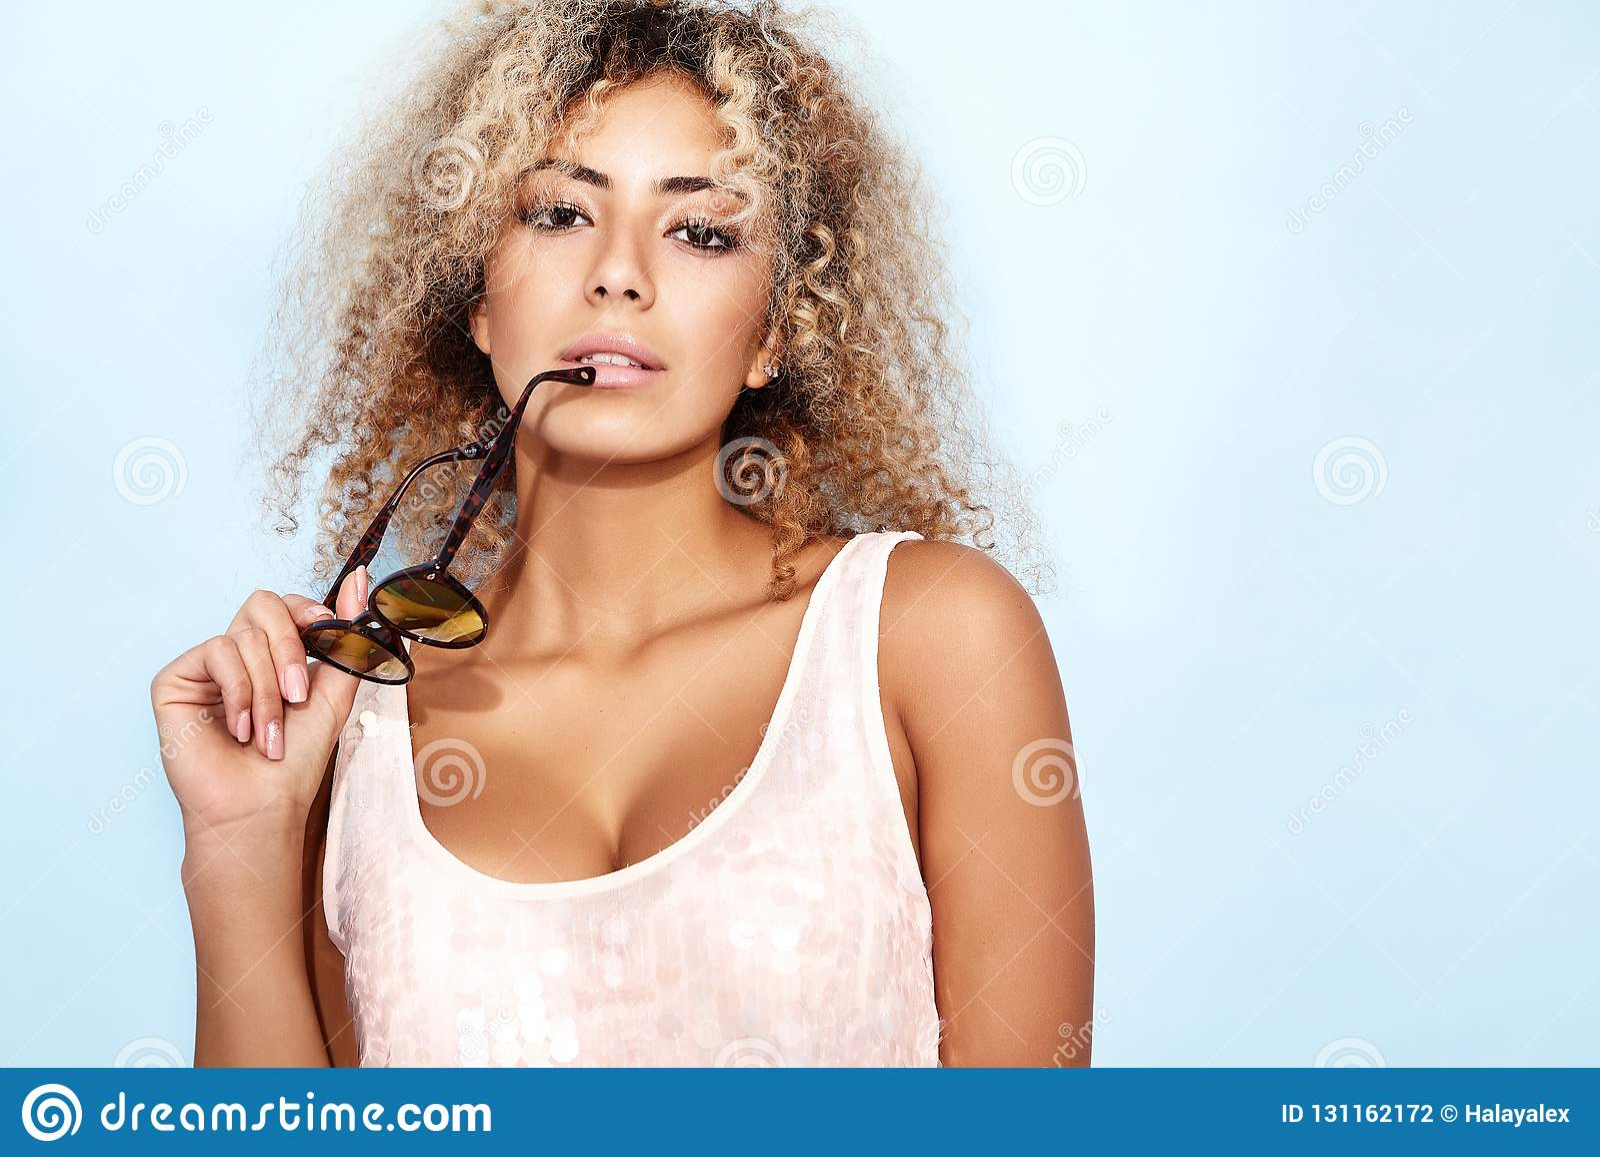 Femme Avec La Coiffure Africaine Blonde Dans Des Vetements A La Mode D Ete Photo Stock Image Du Dans Africaine 131162172